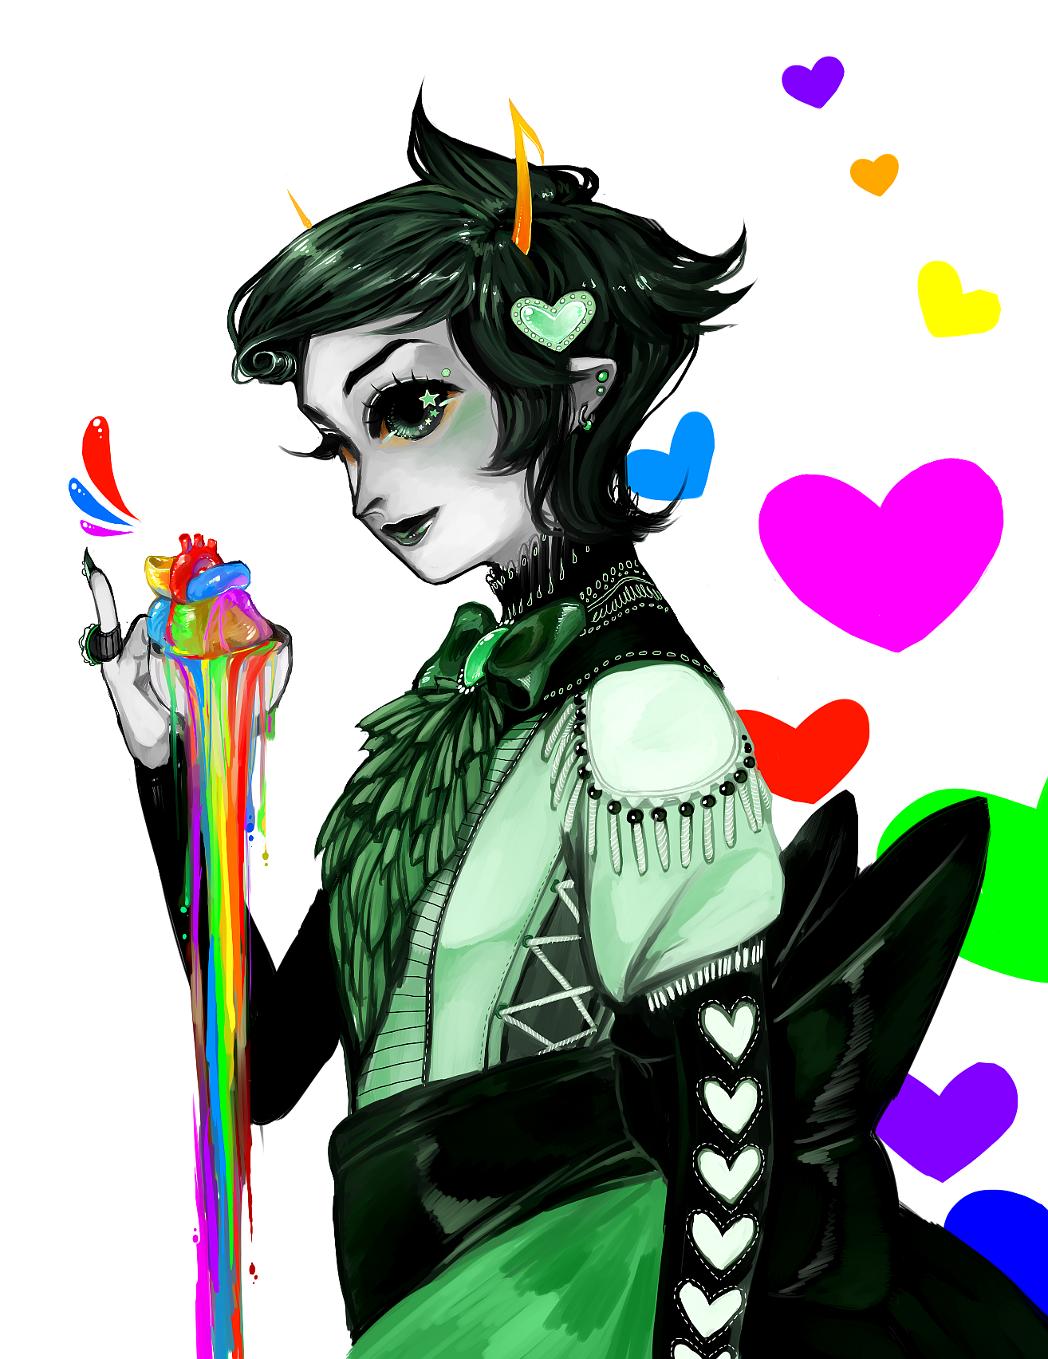 rainbow drinker by Mechanism